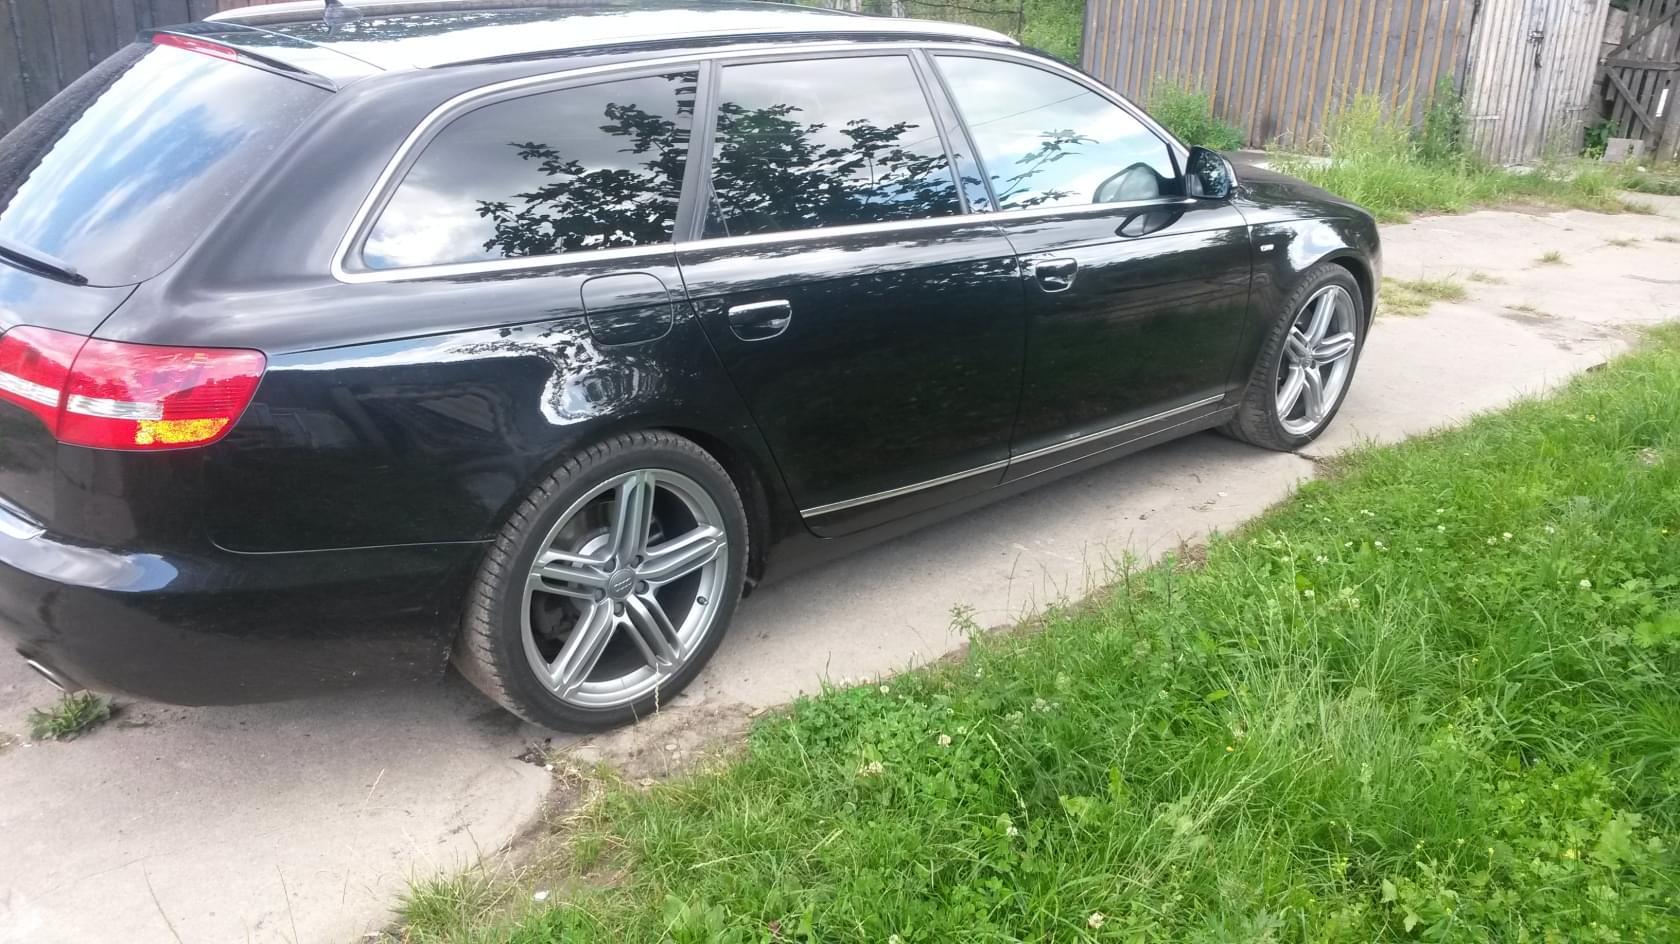 Audi a6 klub polska prosz o pomoc w doborze k do a6 z 2009r